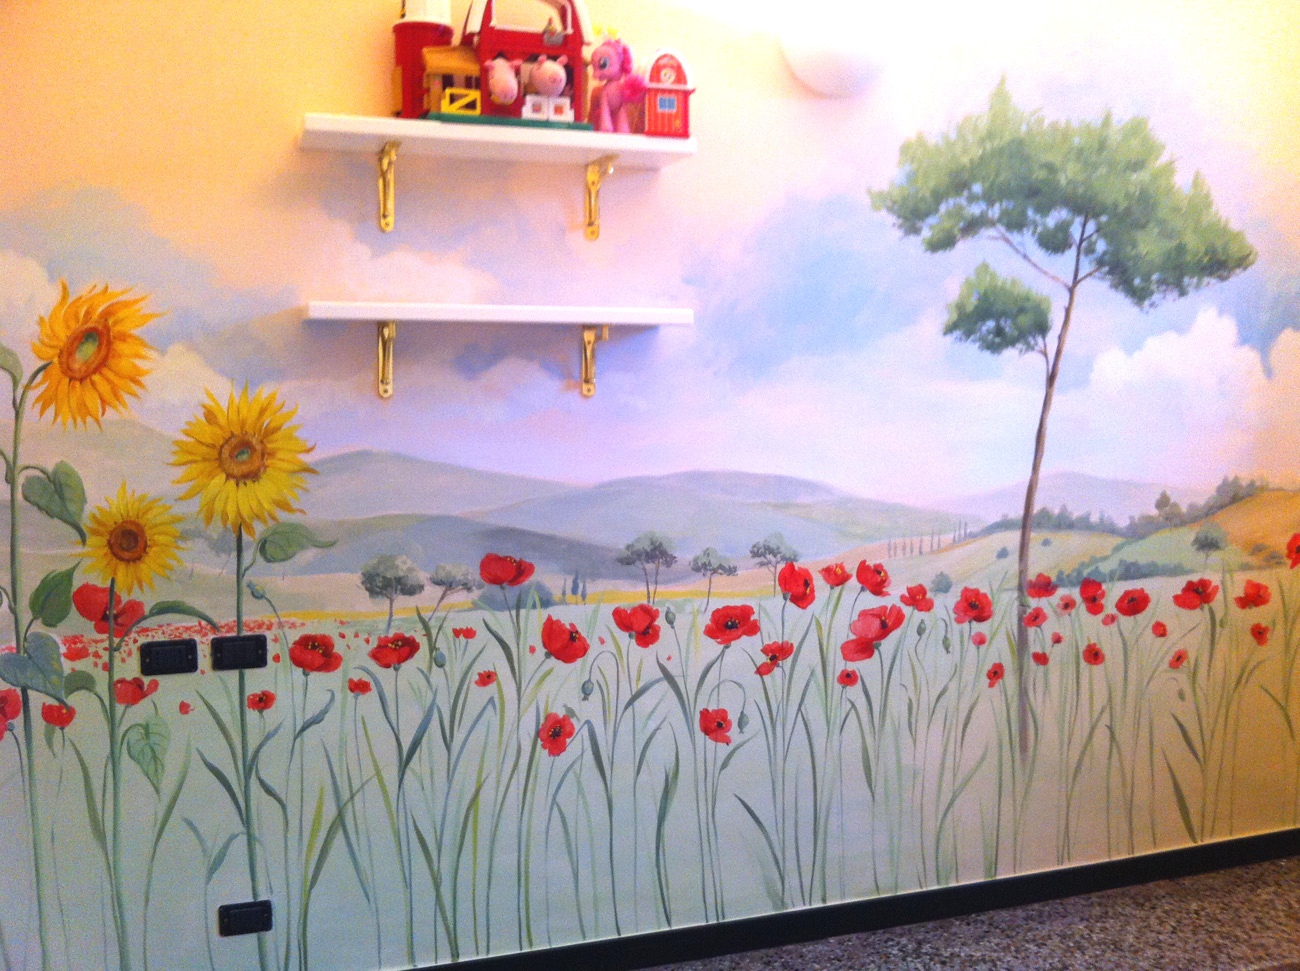 Decorazioni camerette per bambini decorazioni camerette - Plafoniera per cameretta ...